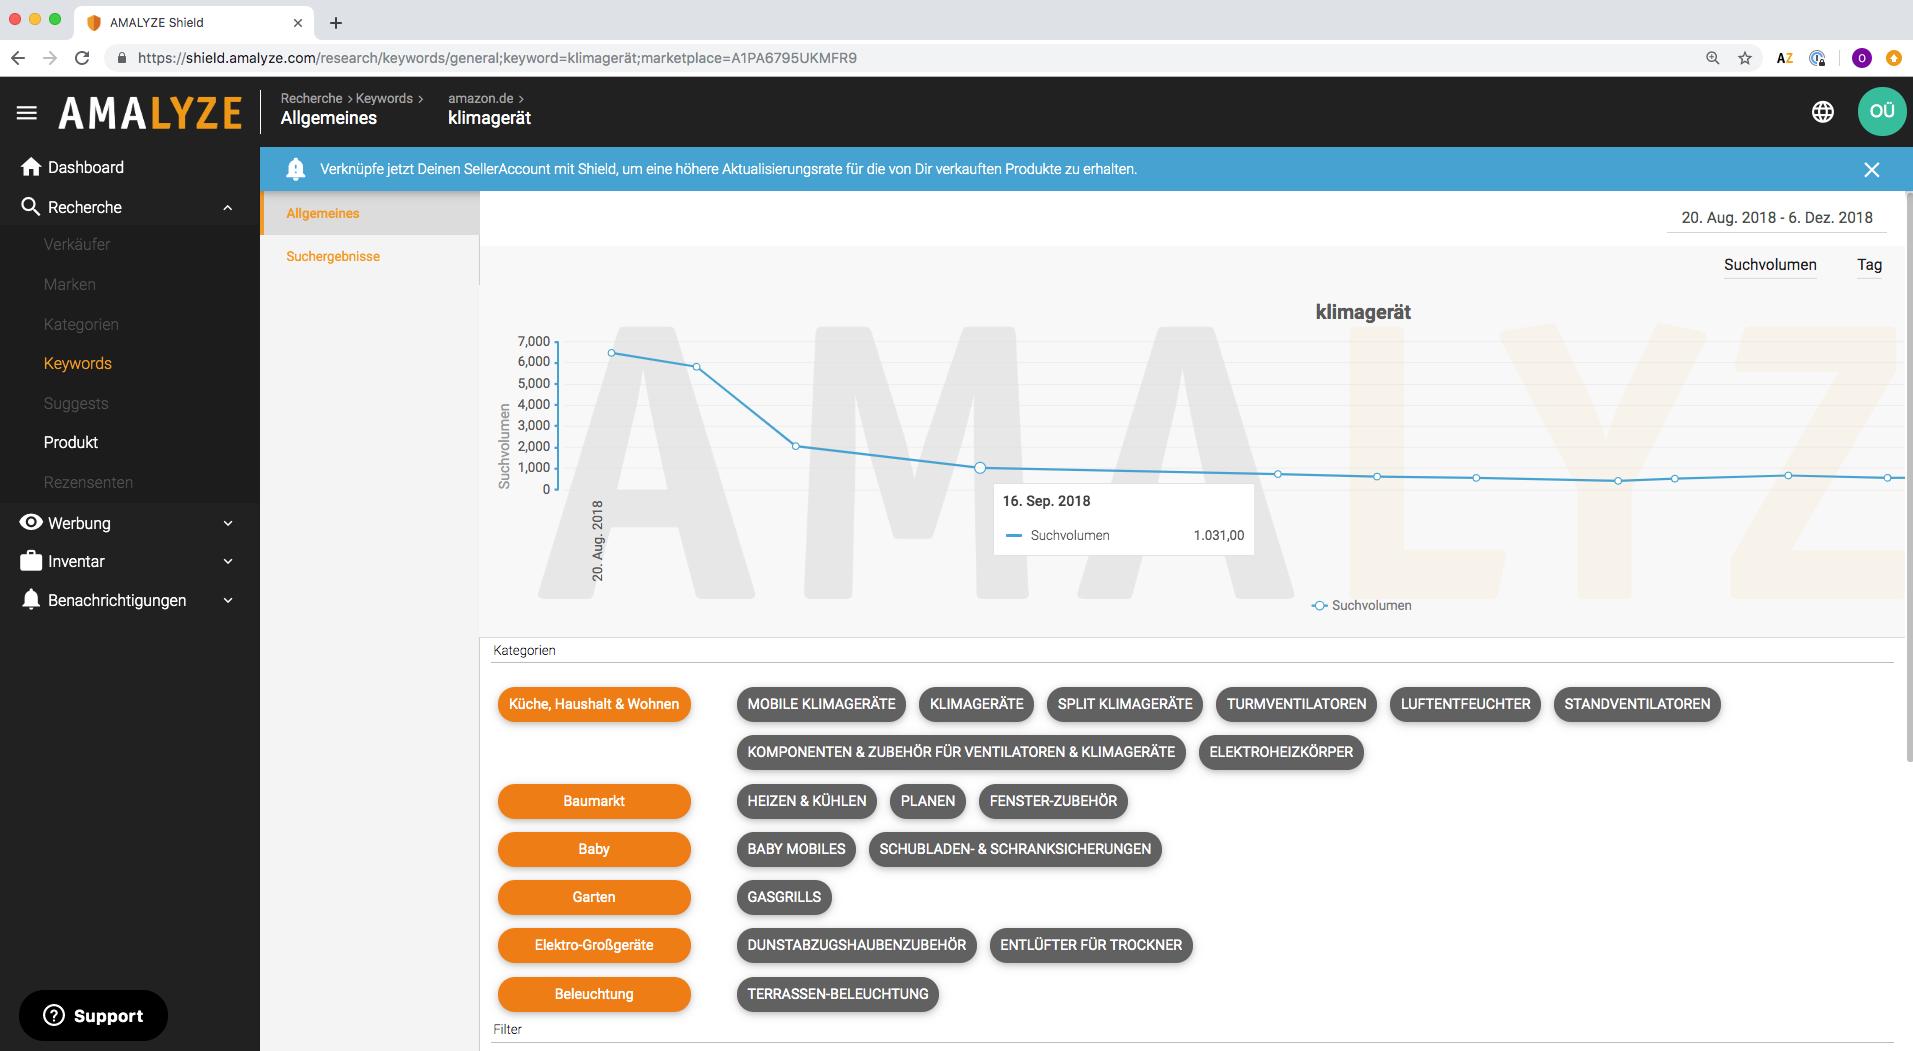 AMALYZE Keyword Recherche_Suchvolumen und Kategorien